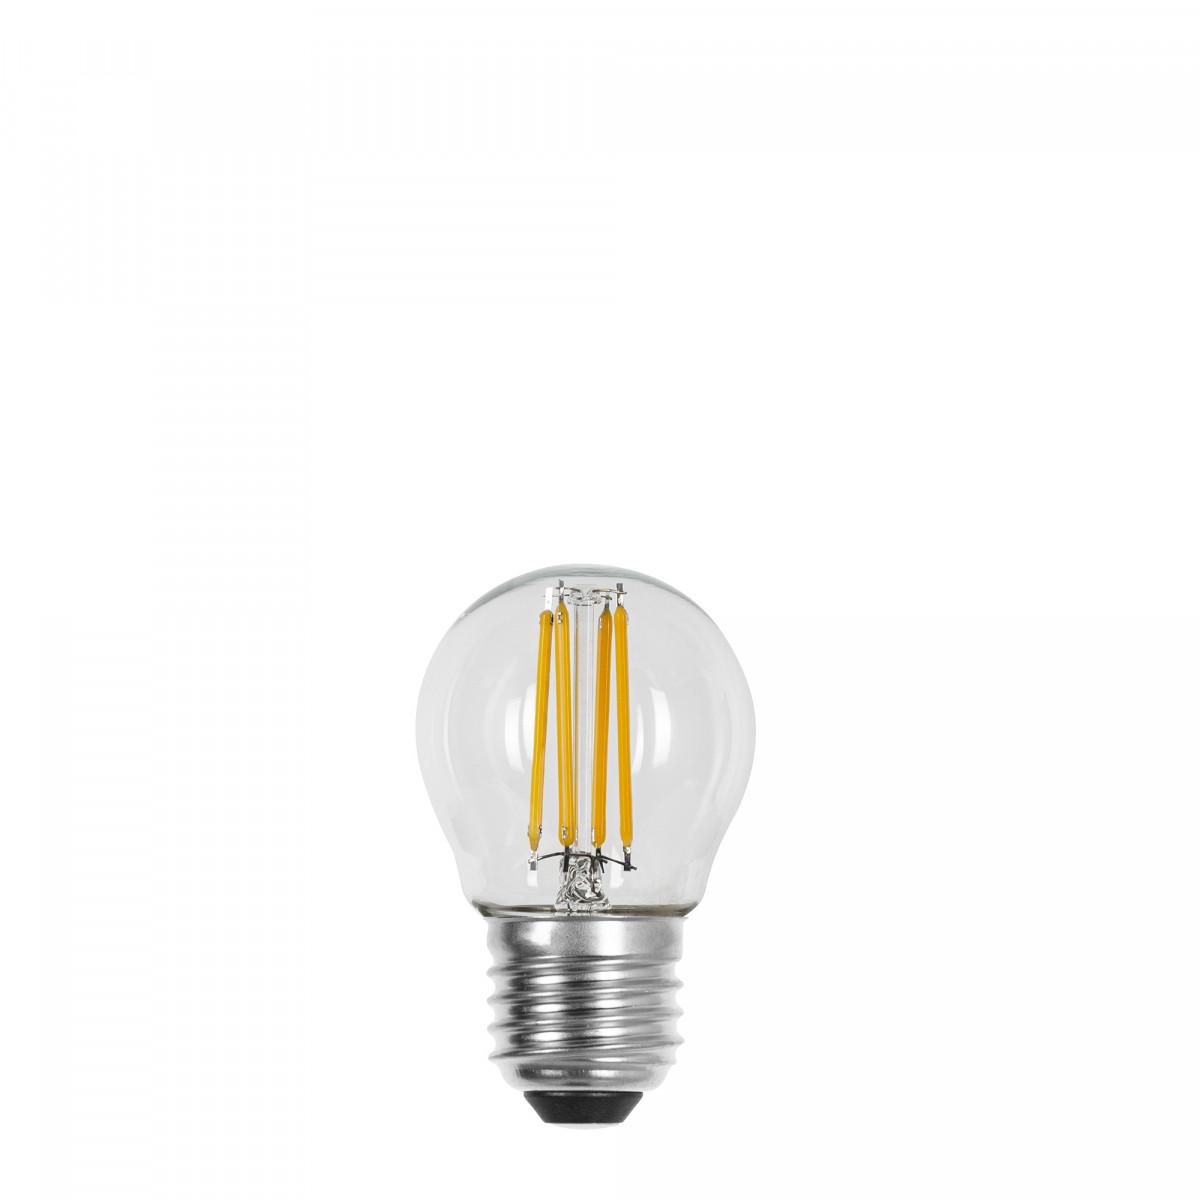 Mini Gold Ledlamp E27